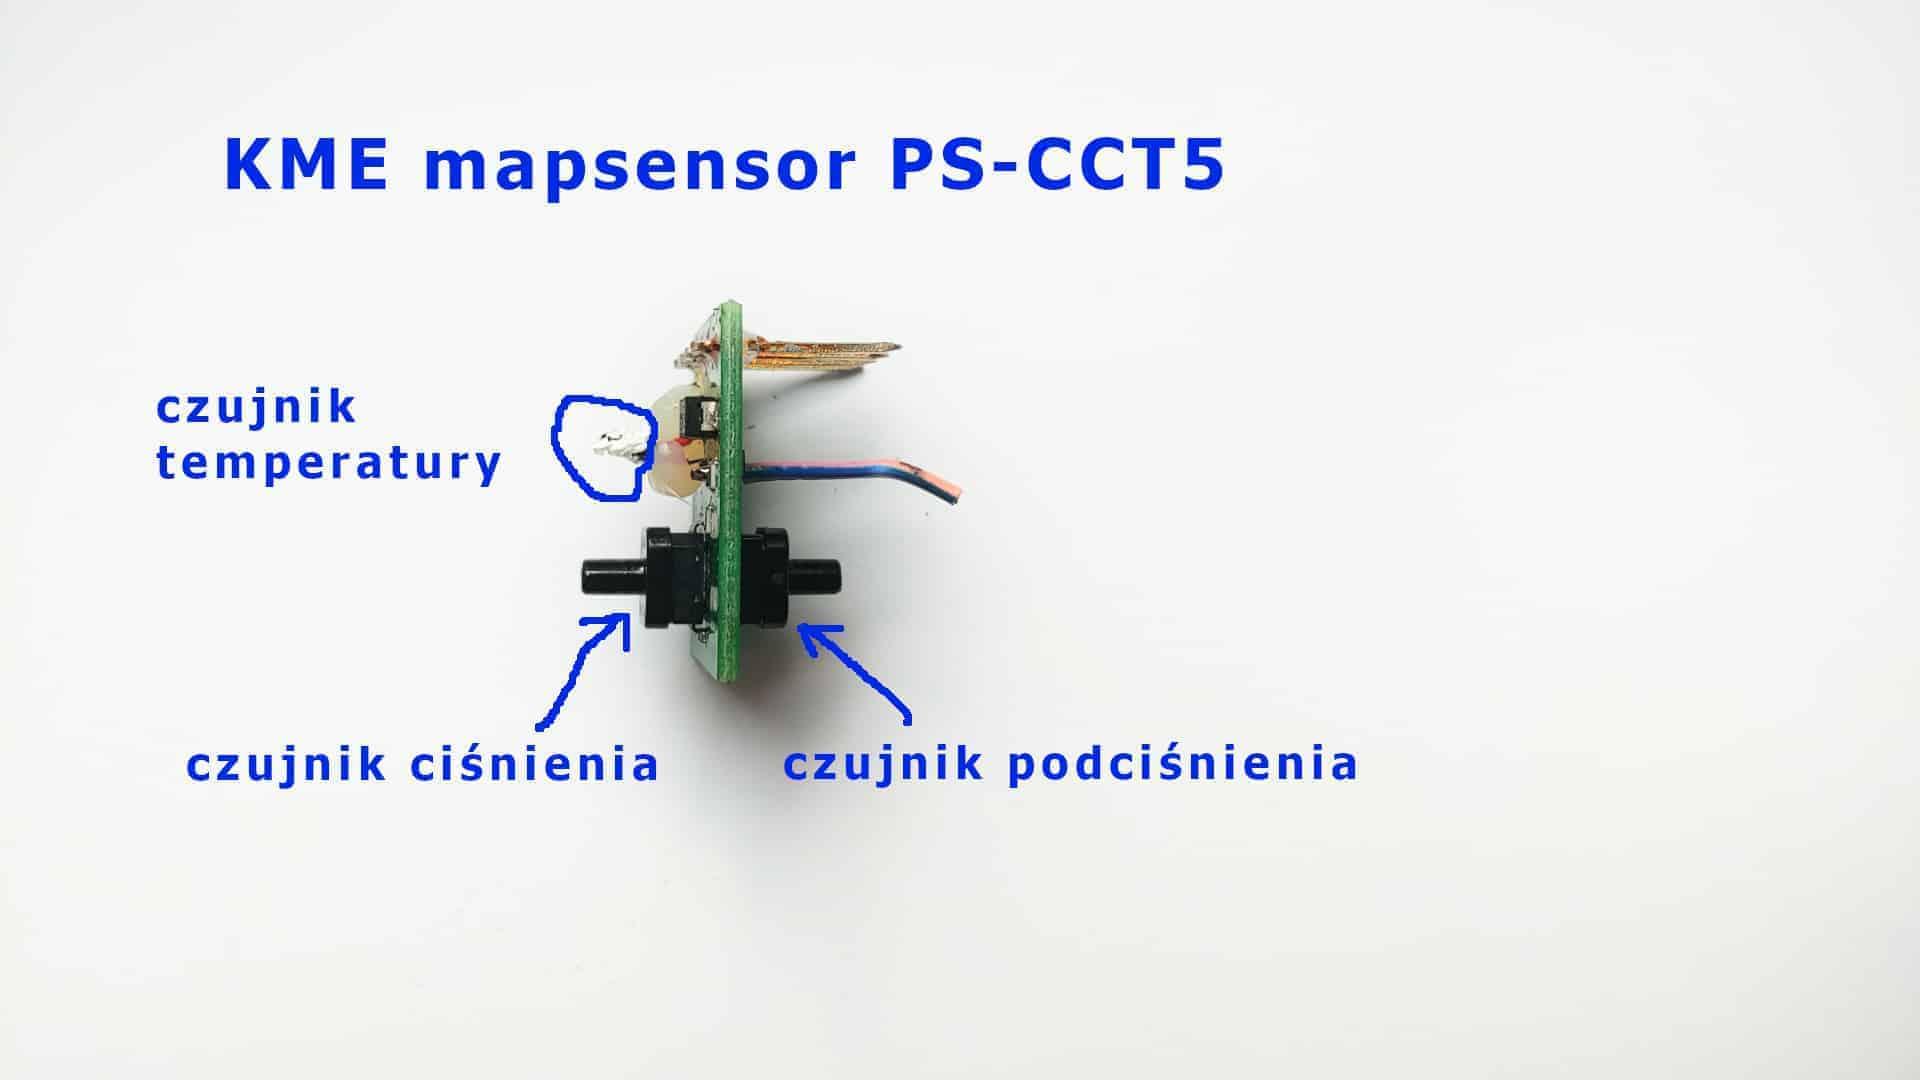 KME mapsensor PS-CCT5 instalacja Diego